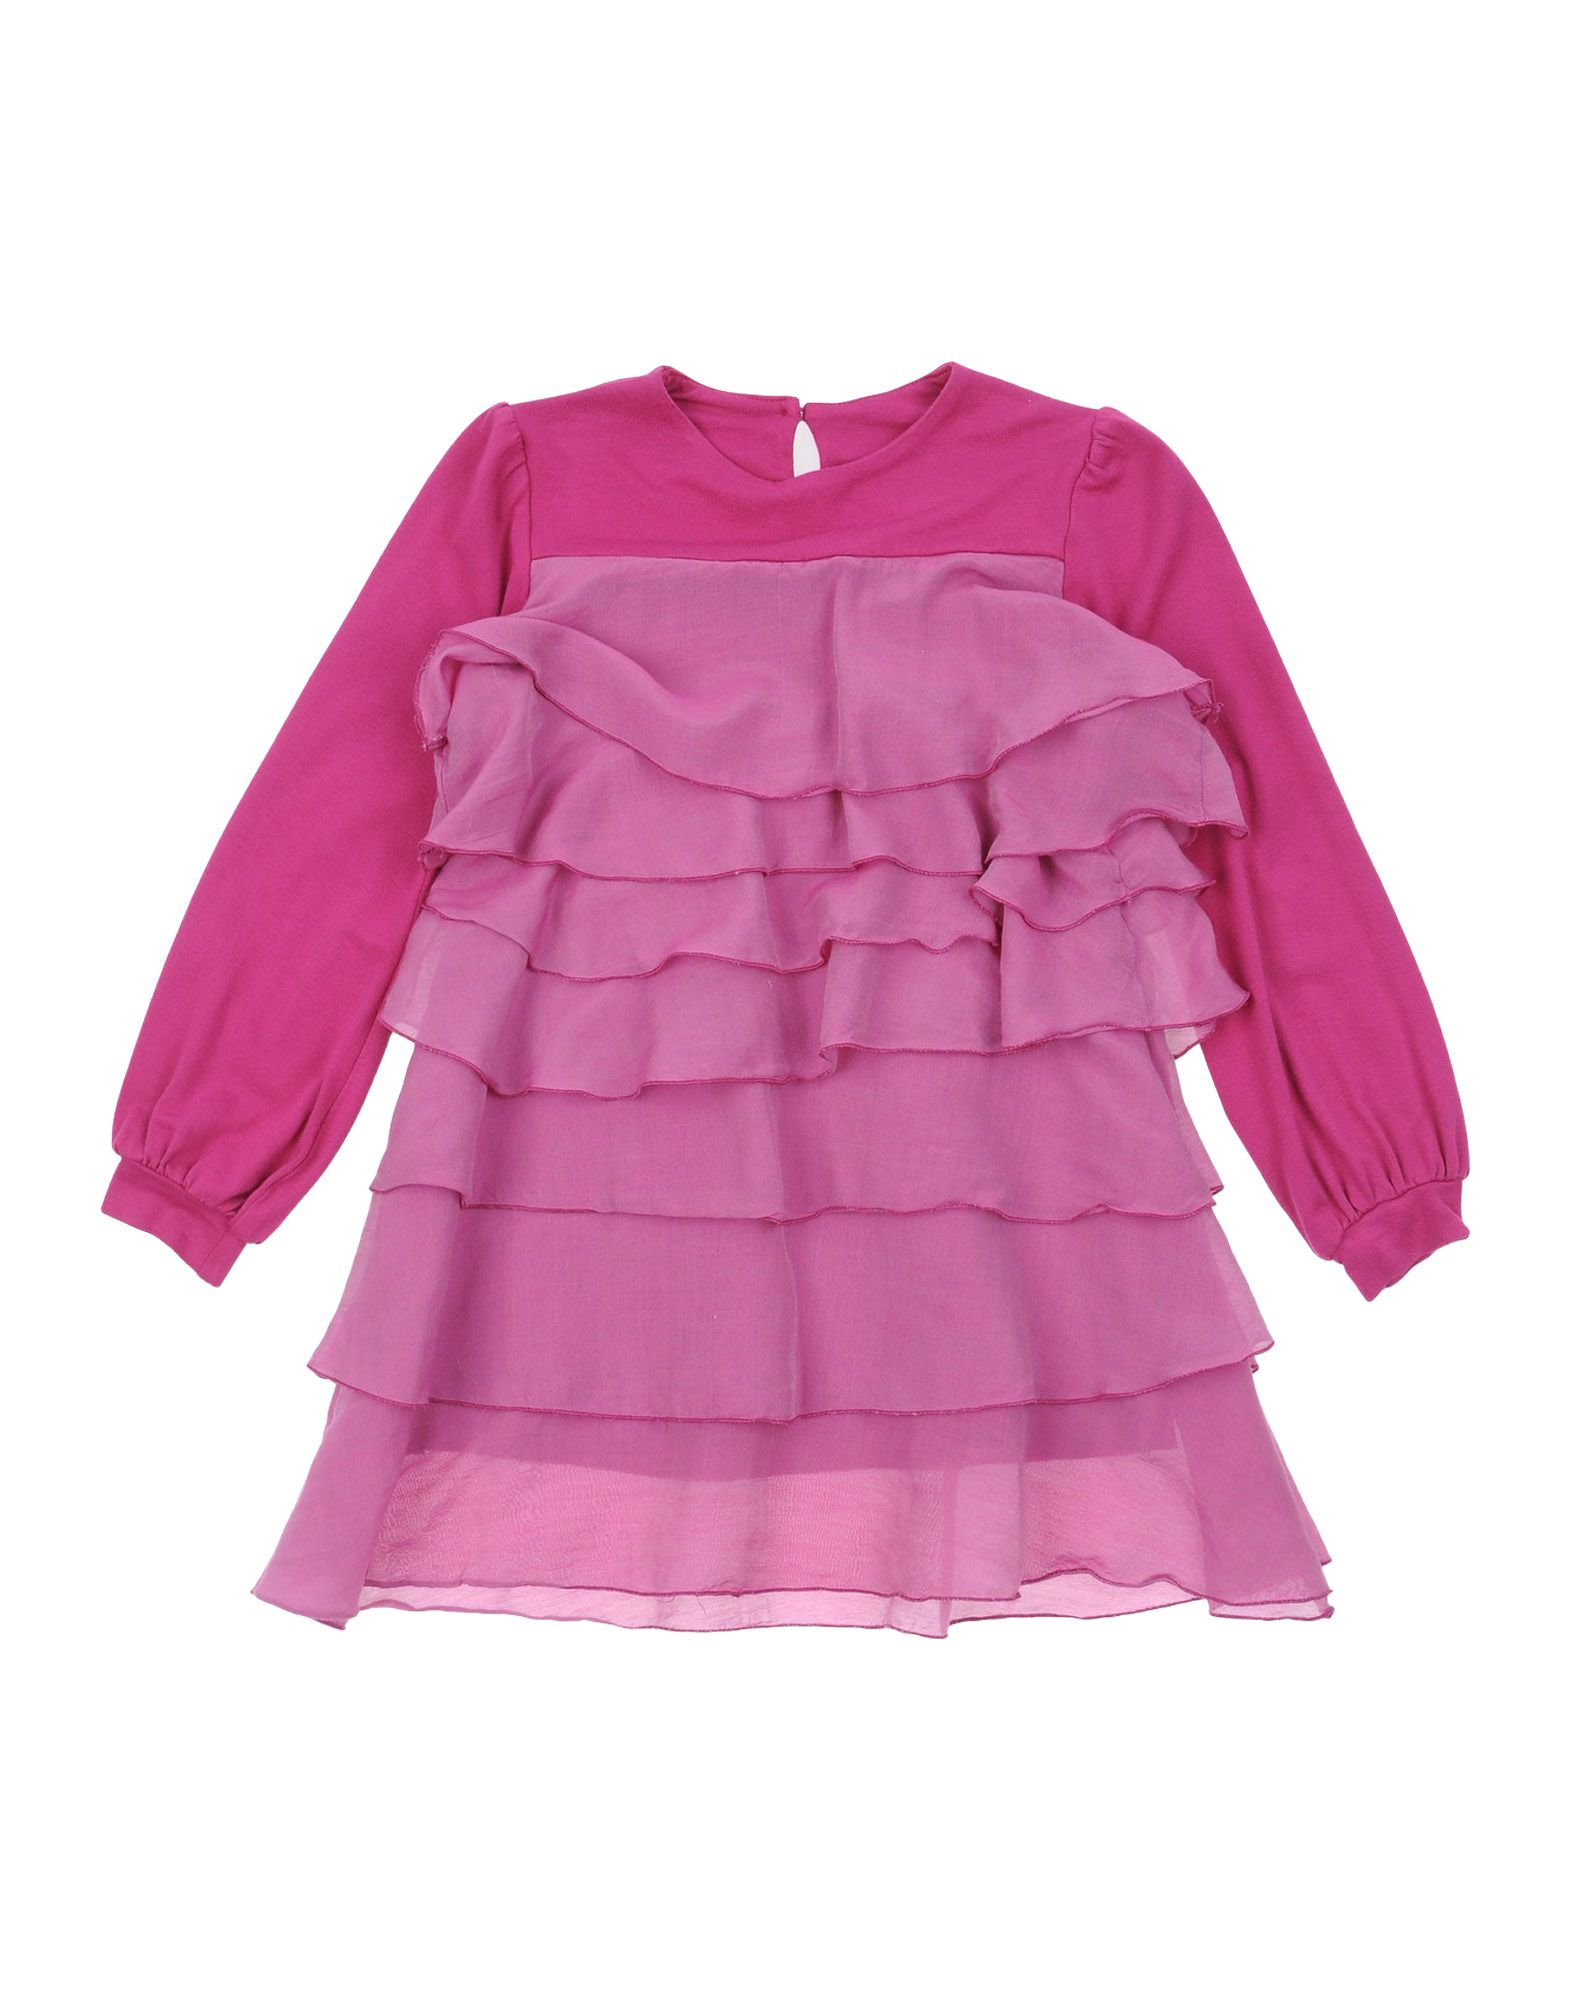 EUROPEAN CULTURE Mädchen 3-8 jahre Kleid Farbe Purpur Größe 1 jetztbilligerkaufen